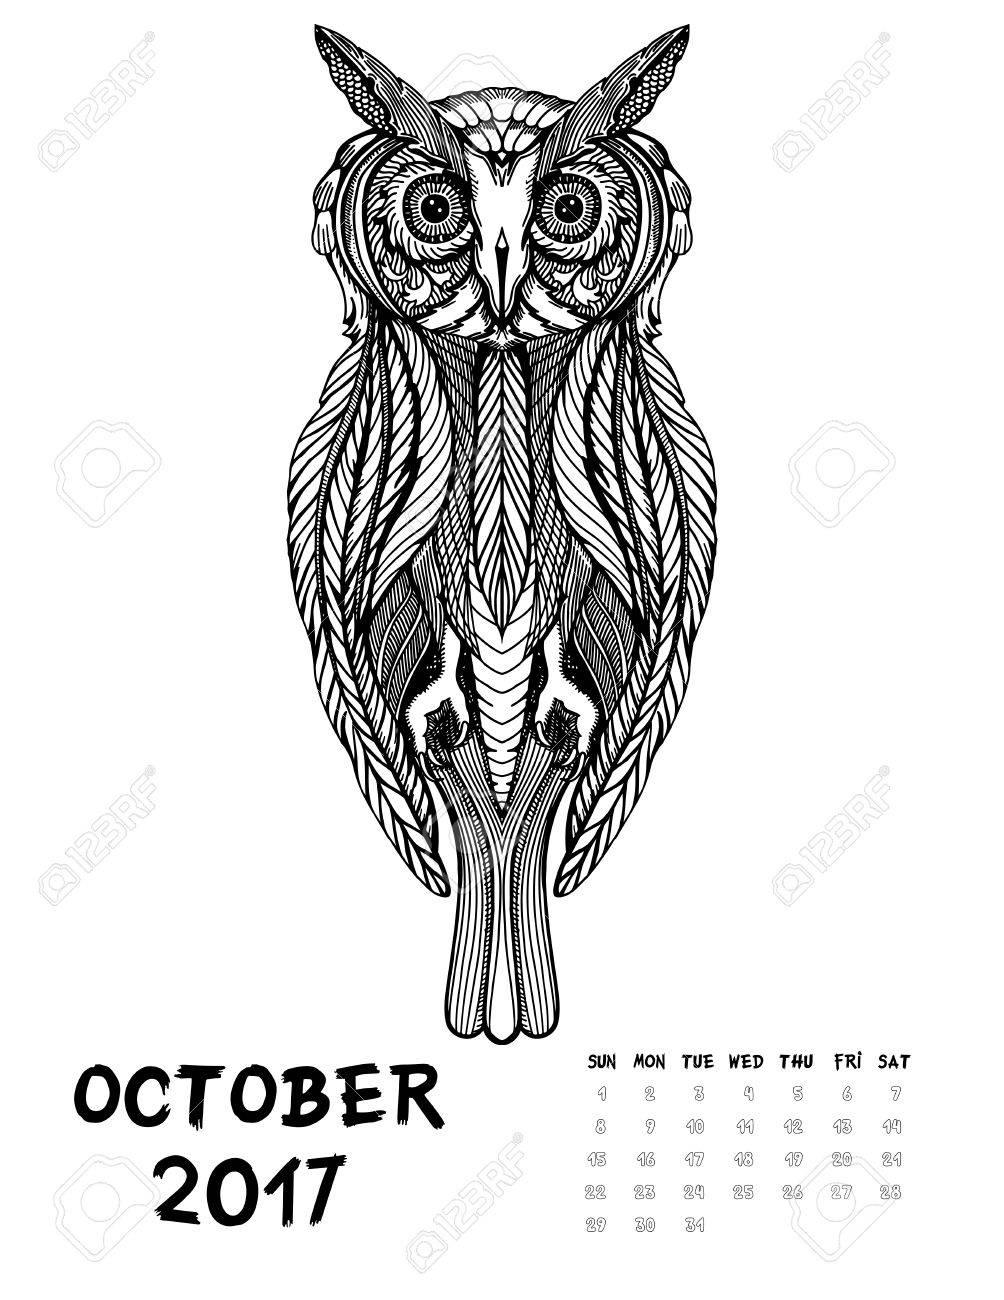 Calendrier D Octobre 2017 Dessin Au Trait Illustration Noir Et Blanc Hibou Imprimer Une Page De Coloration Anti Stress